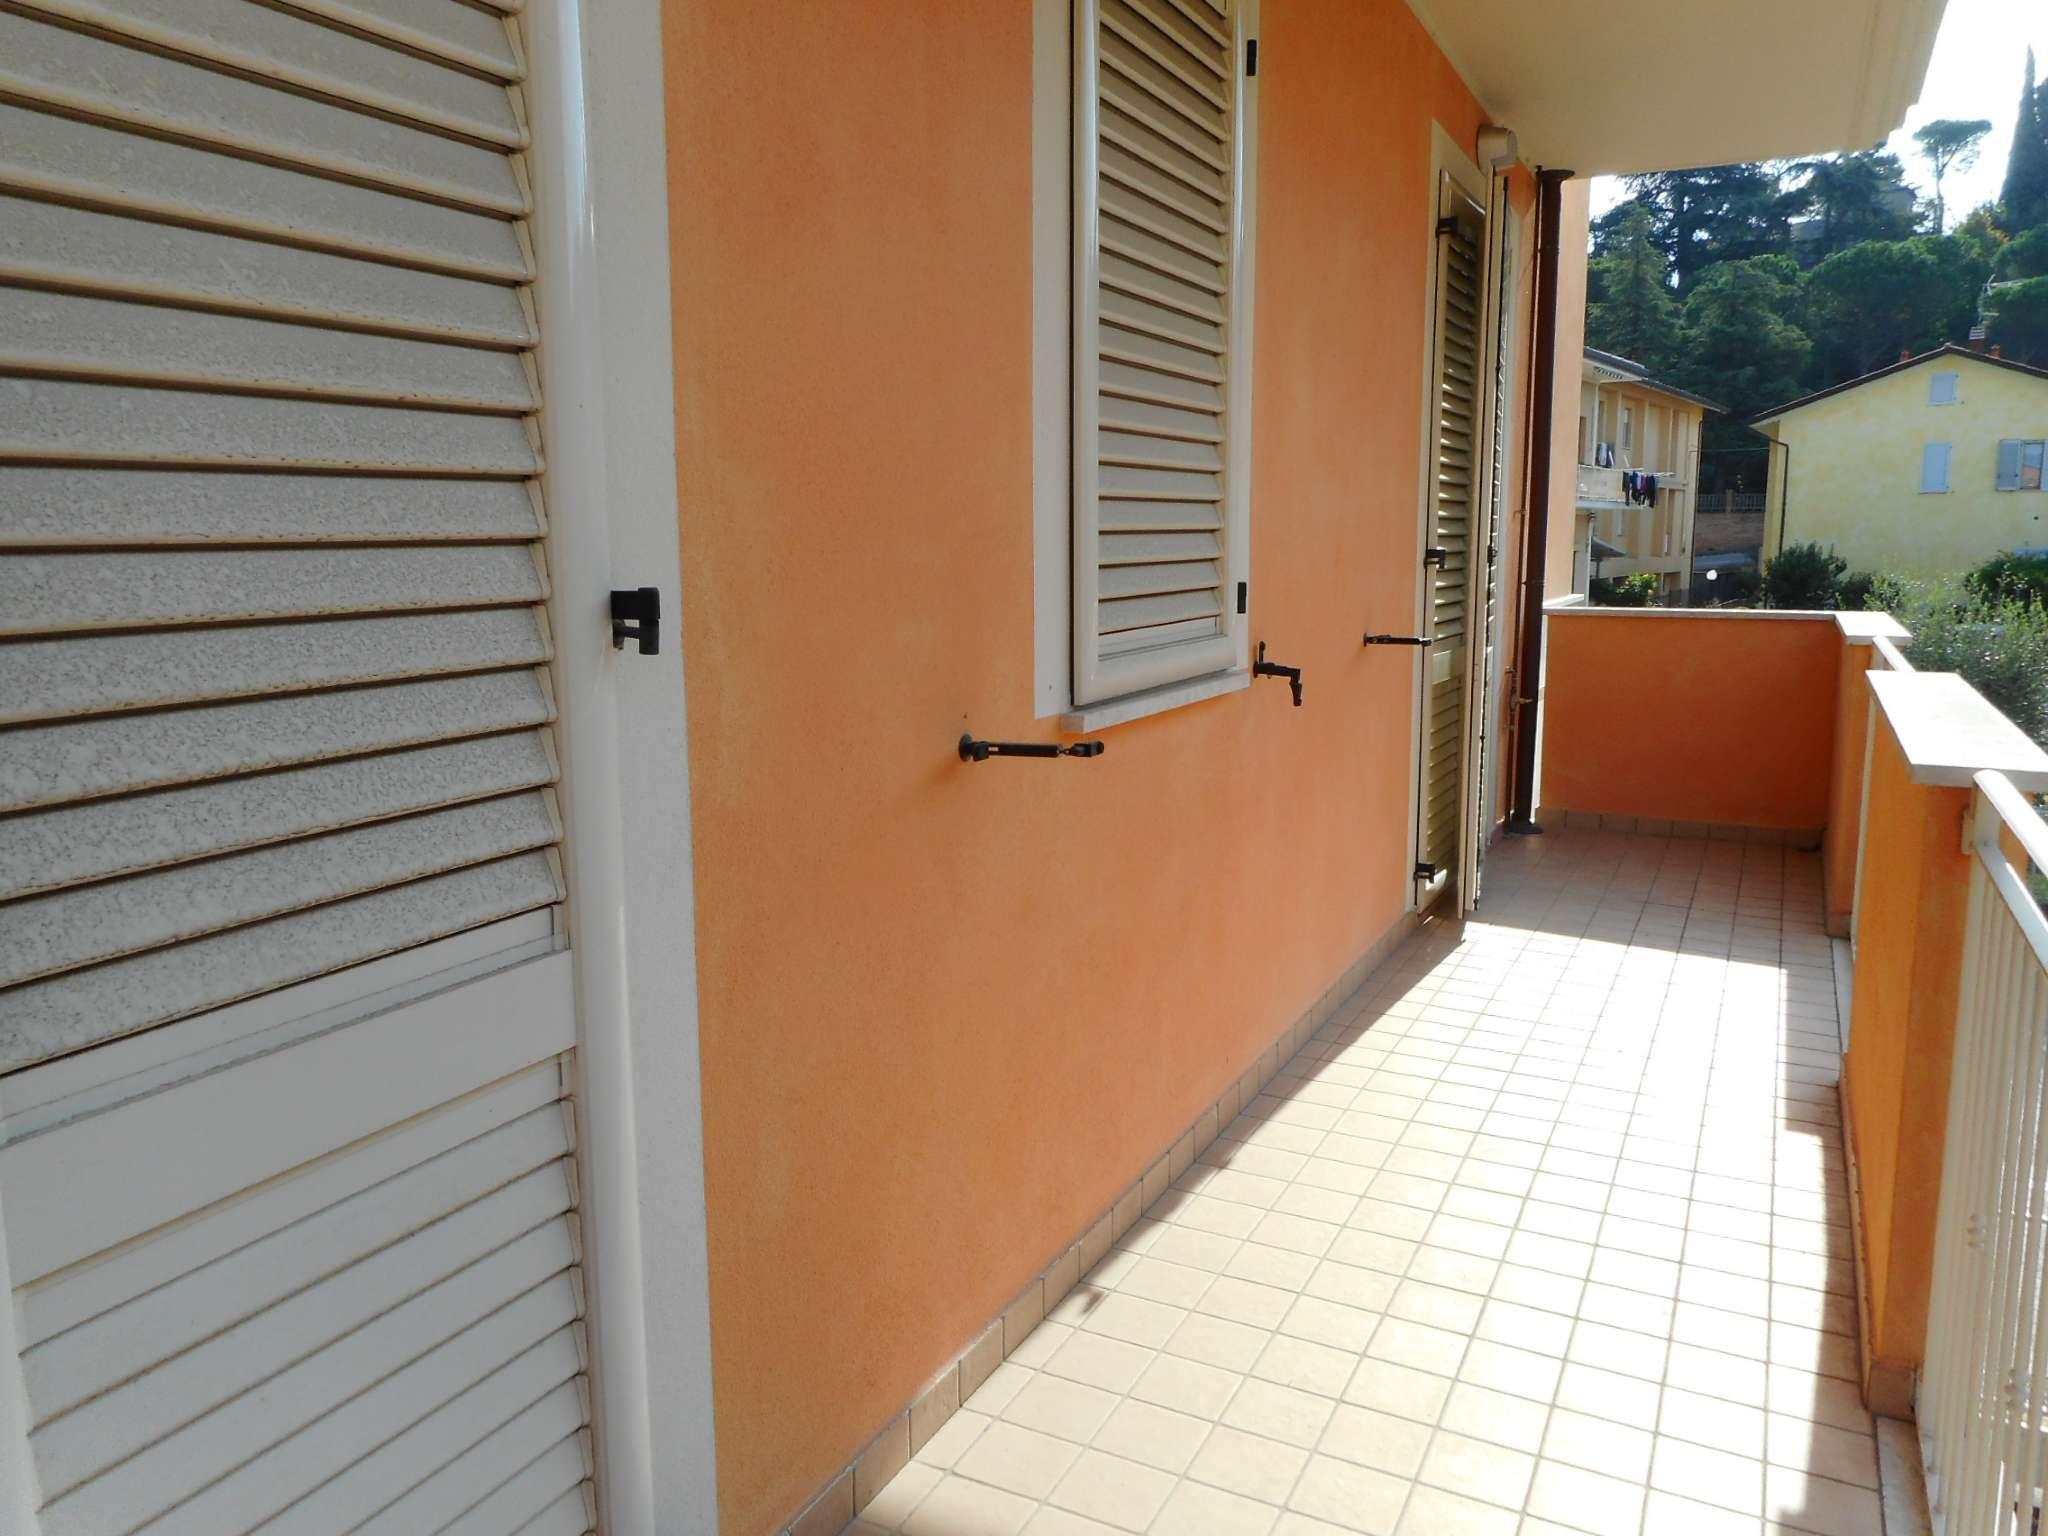 Appartamento 5 locali in vendita a Verucchio (RN)